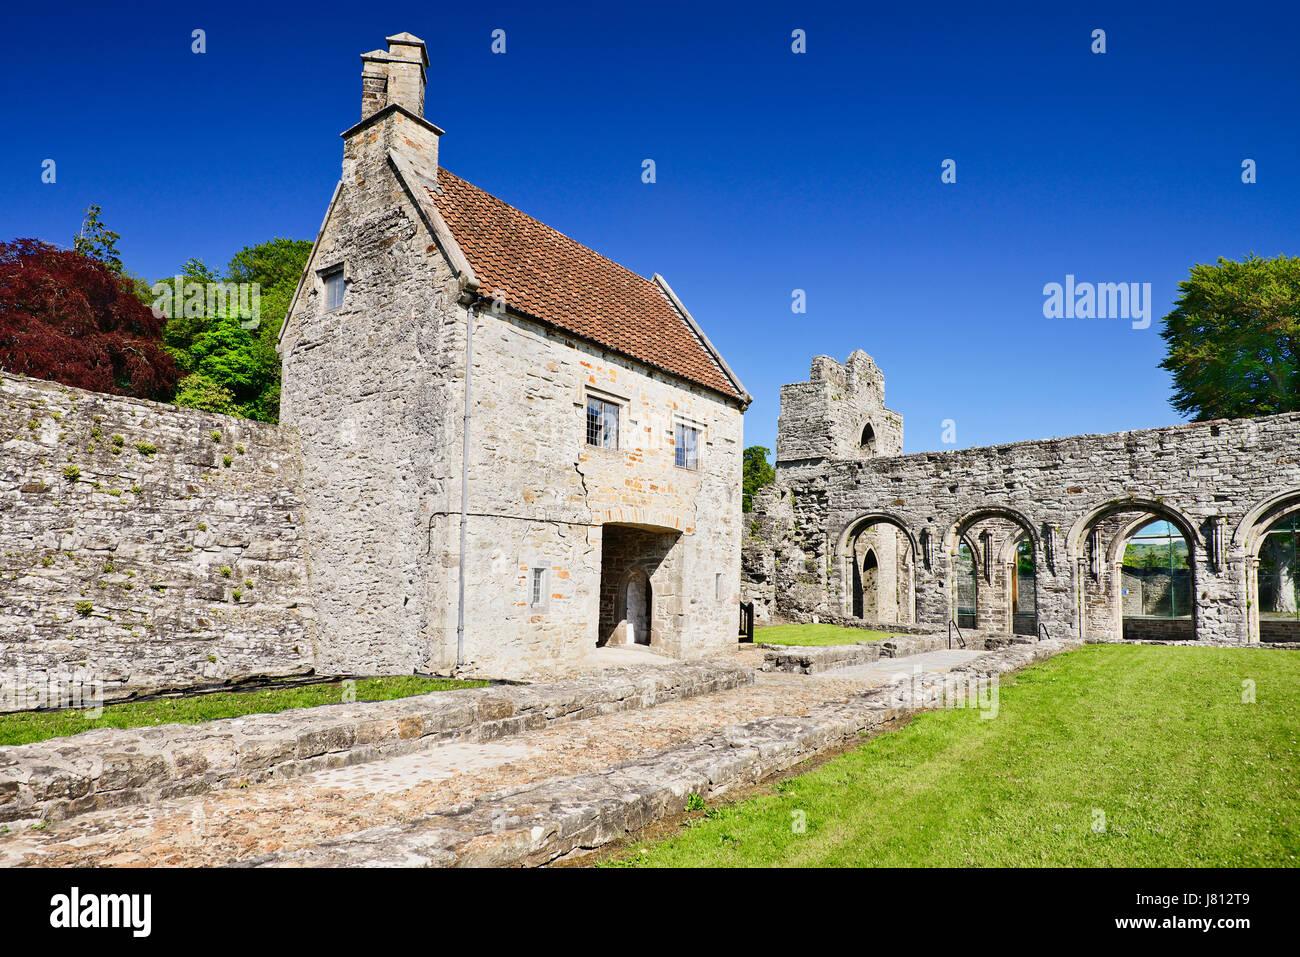 Ireland, County Roscommon, Boyle, Boyle Abbey, 12th century Cistercian ruin. - Stock Image